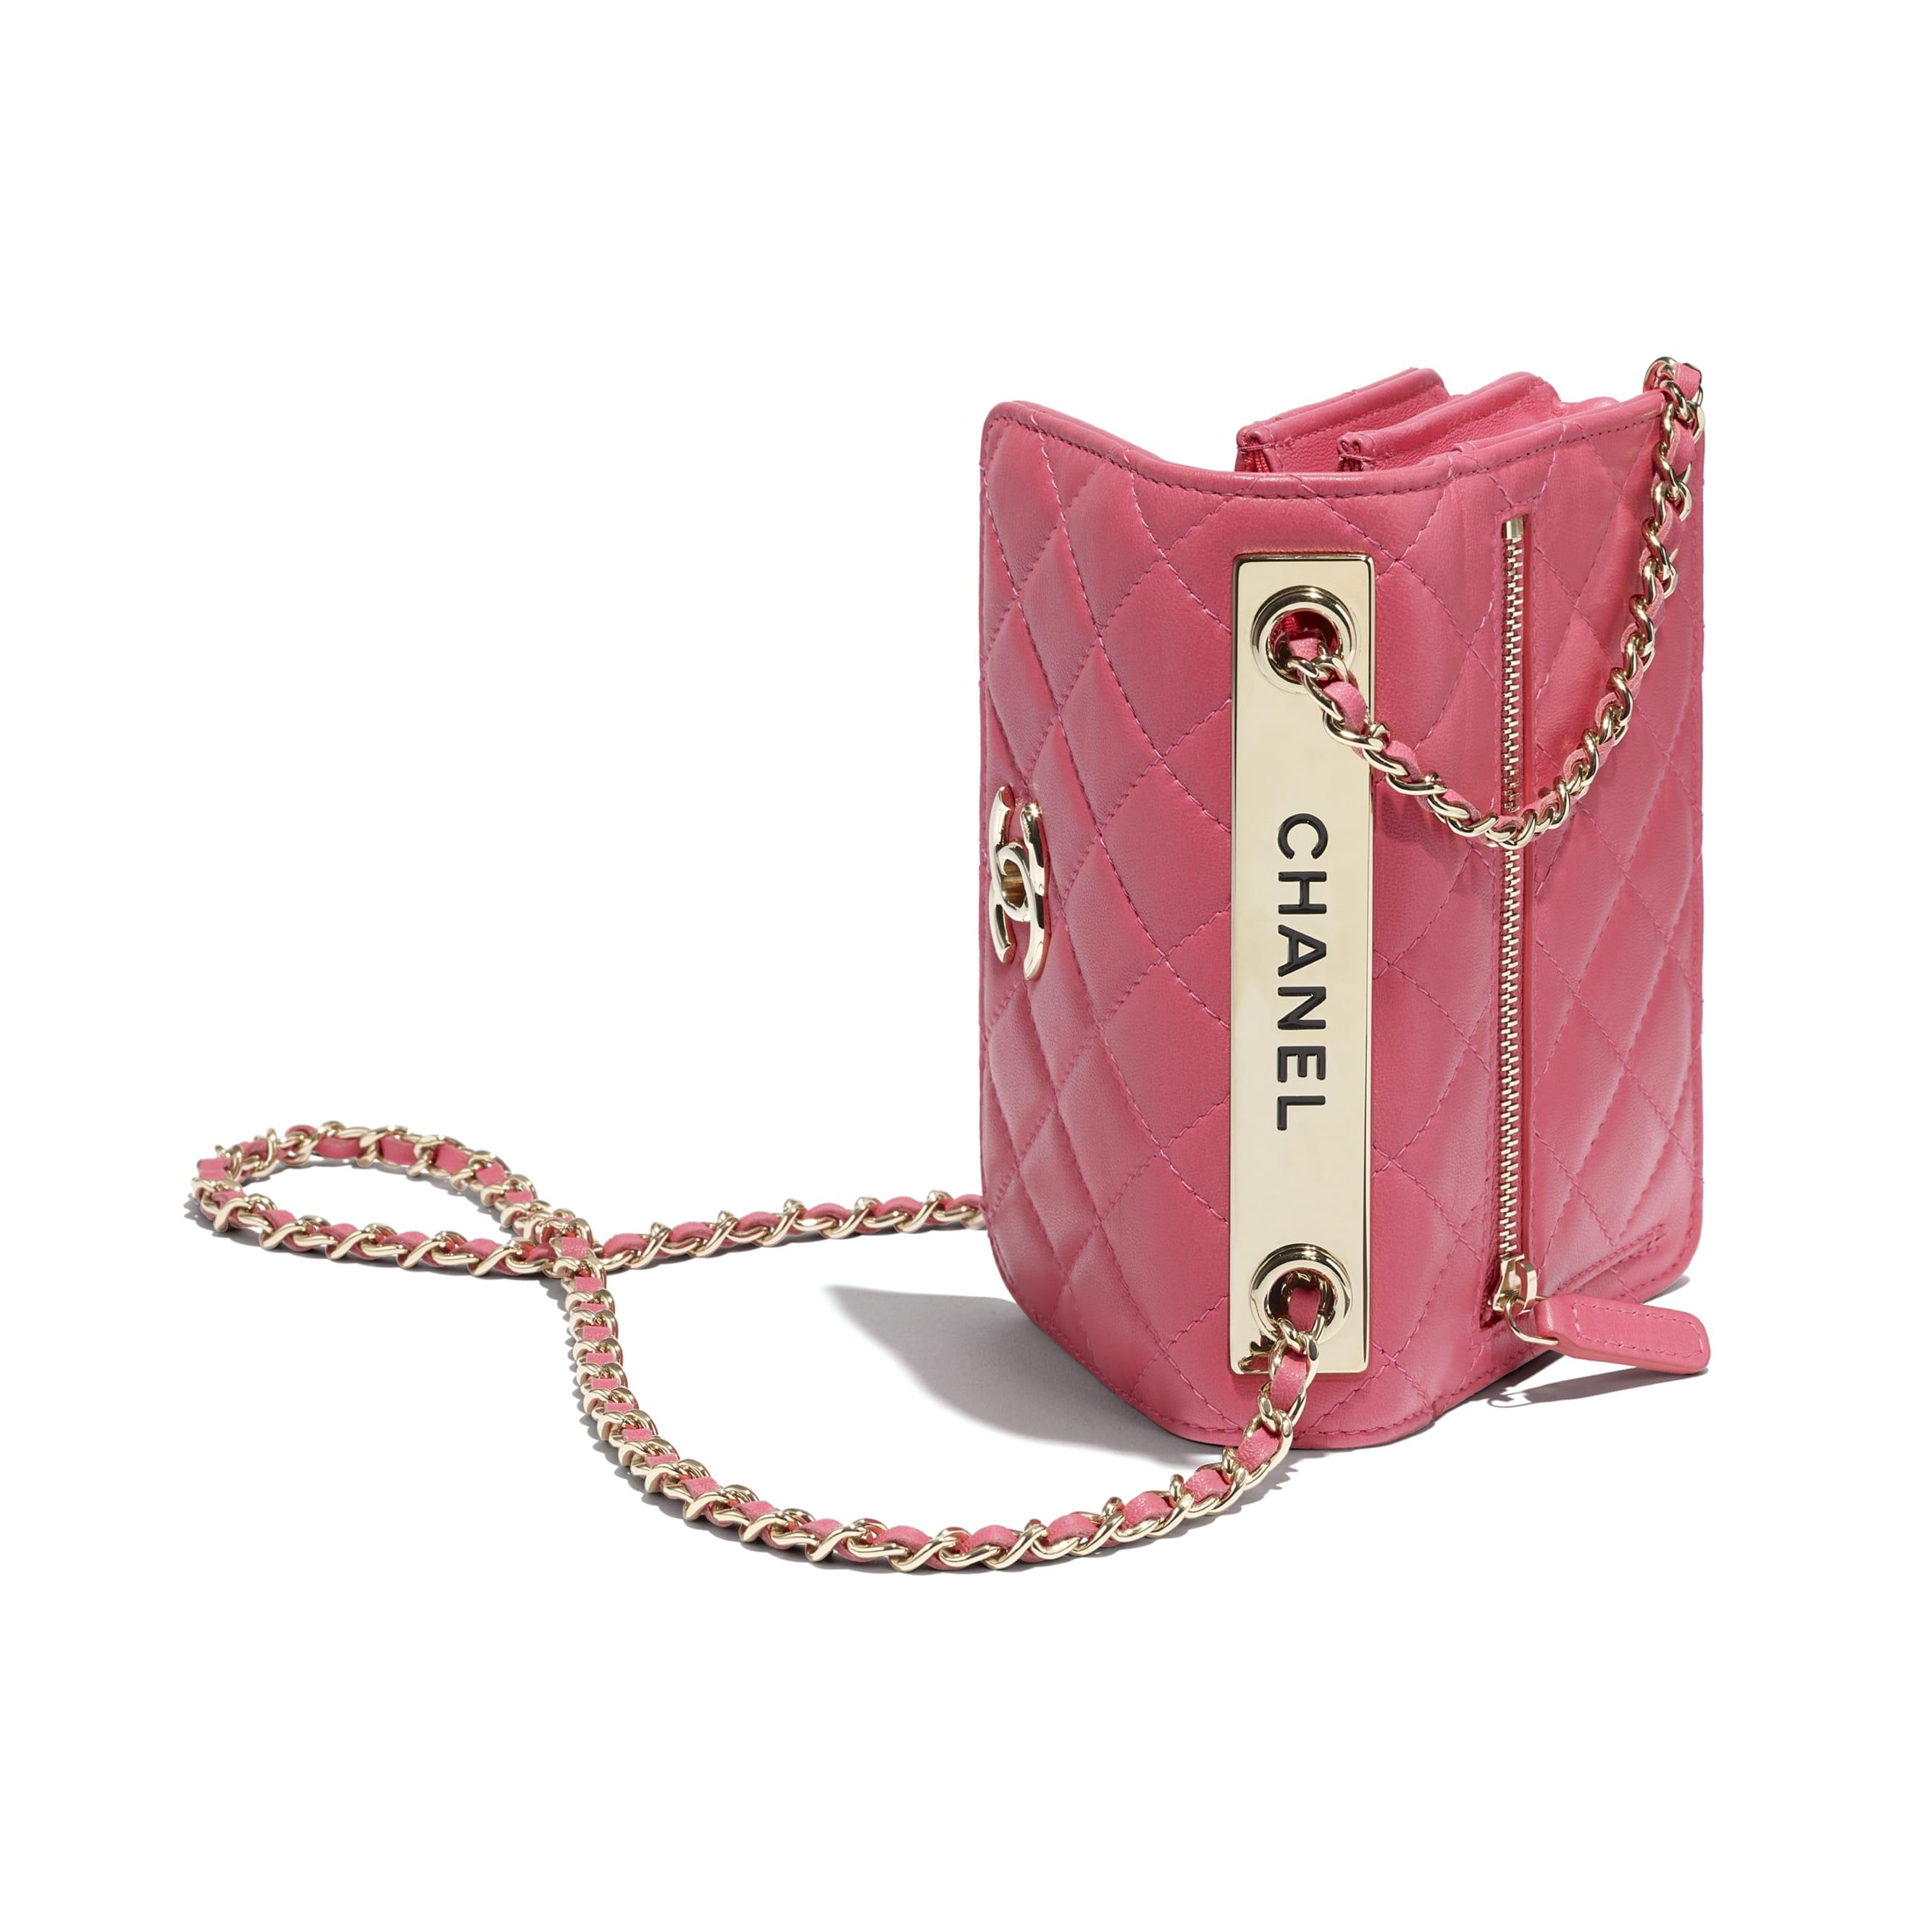 Bolso de mano con cadena - Rosa - Piel de cordero y metal dorado - CHANEL - Vista adicional - ver la versión tamaño estándar